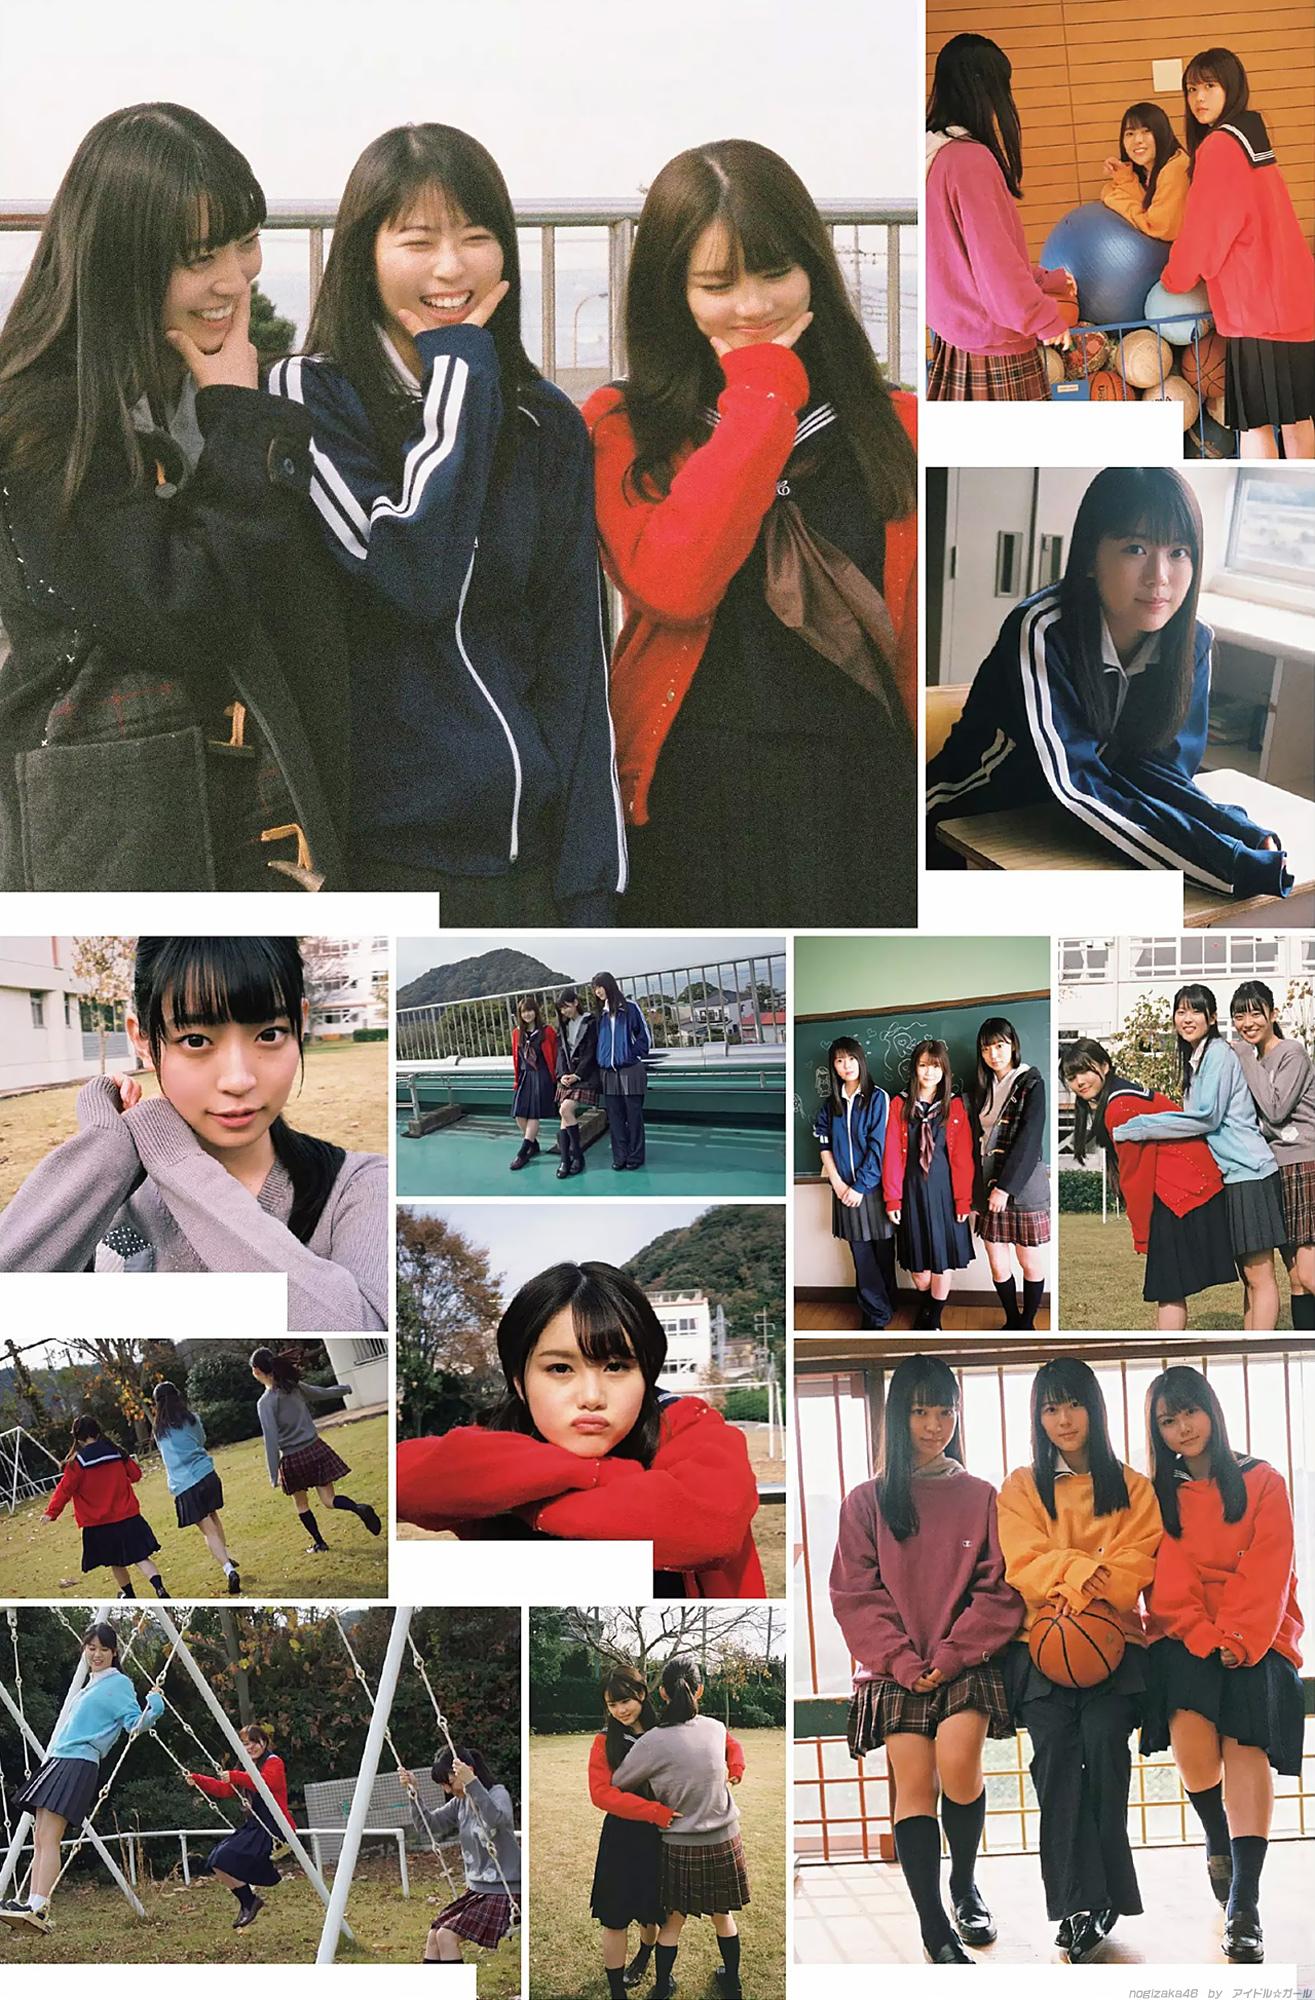 乃木坂46の画像183